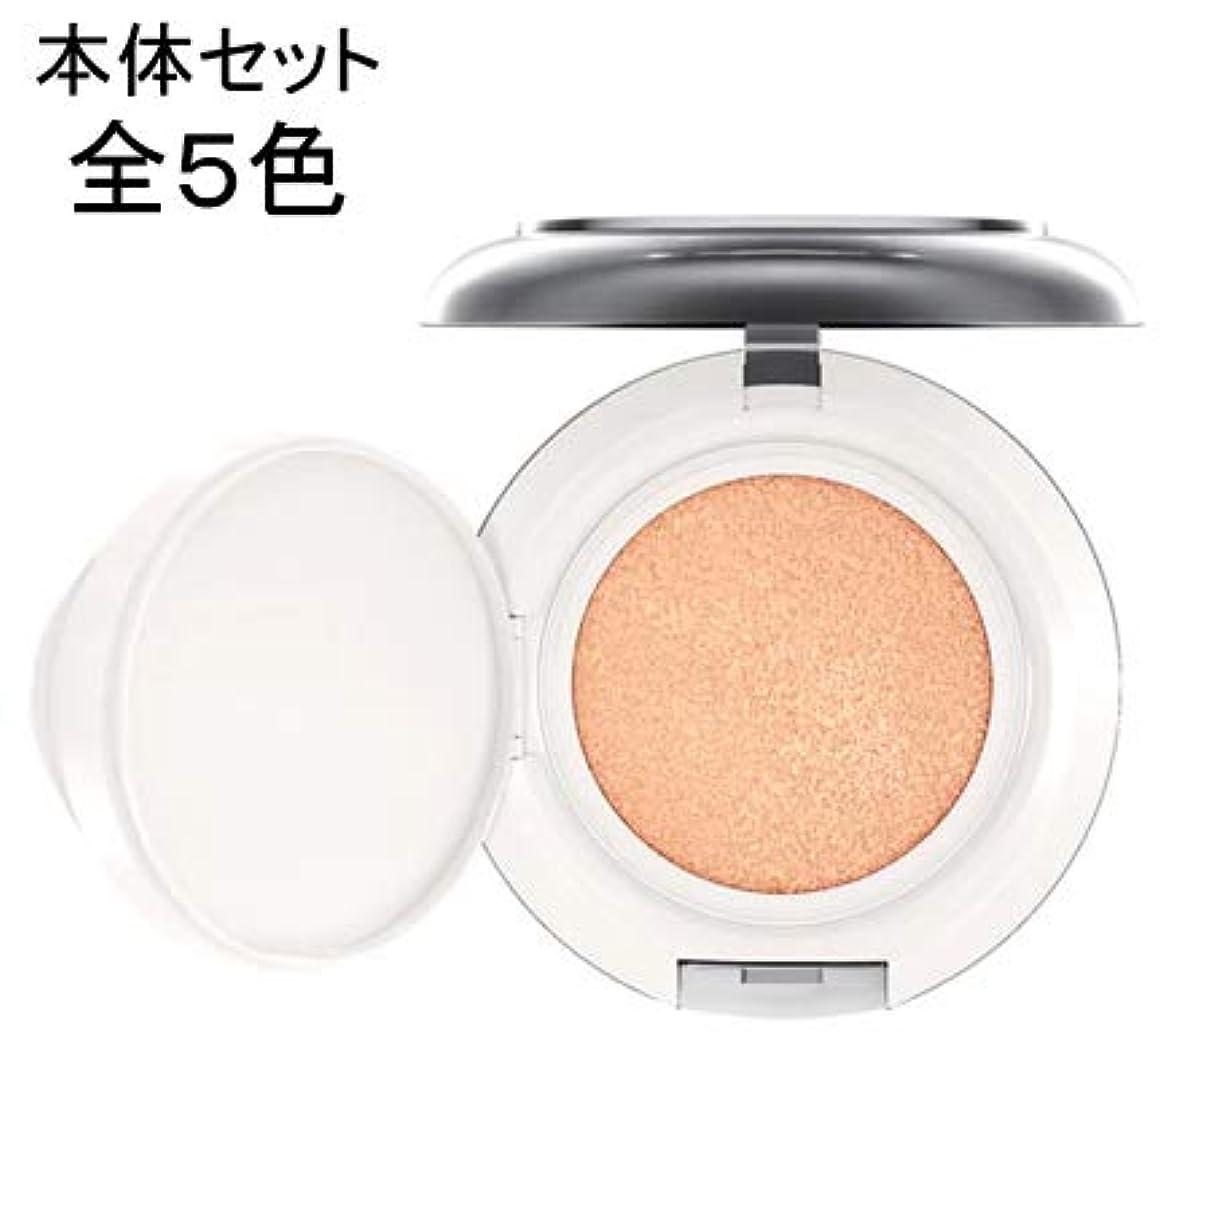 極小豆腐一致するマック ライトフル C+ SPF 50 クイック フィニッシュ クッション コンパクト (本体セット) 全5色 -M?A?C MAC- エクストラライト